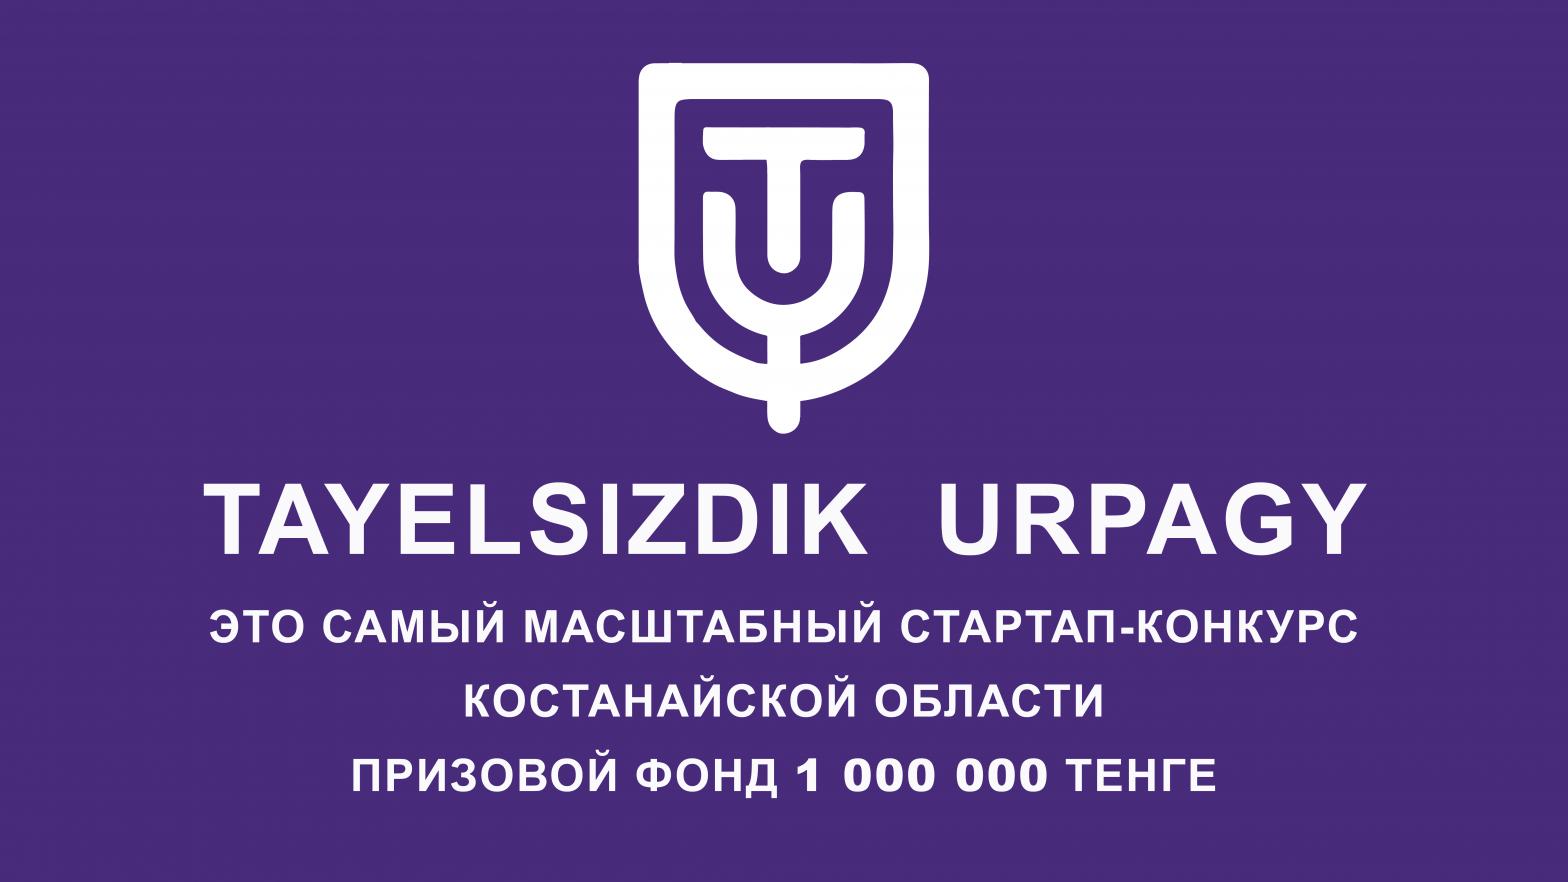 TAYELSIZDIK URPAGY